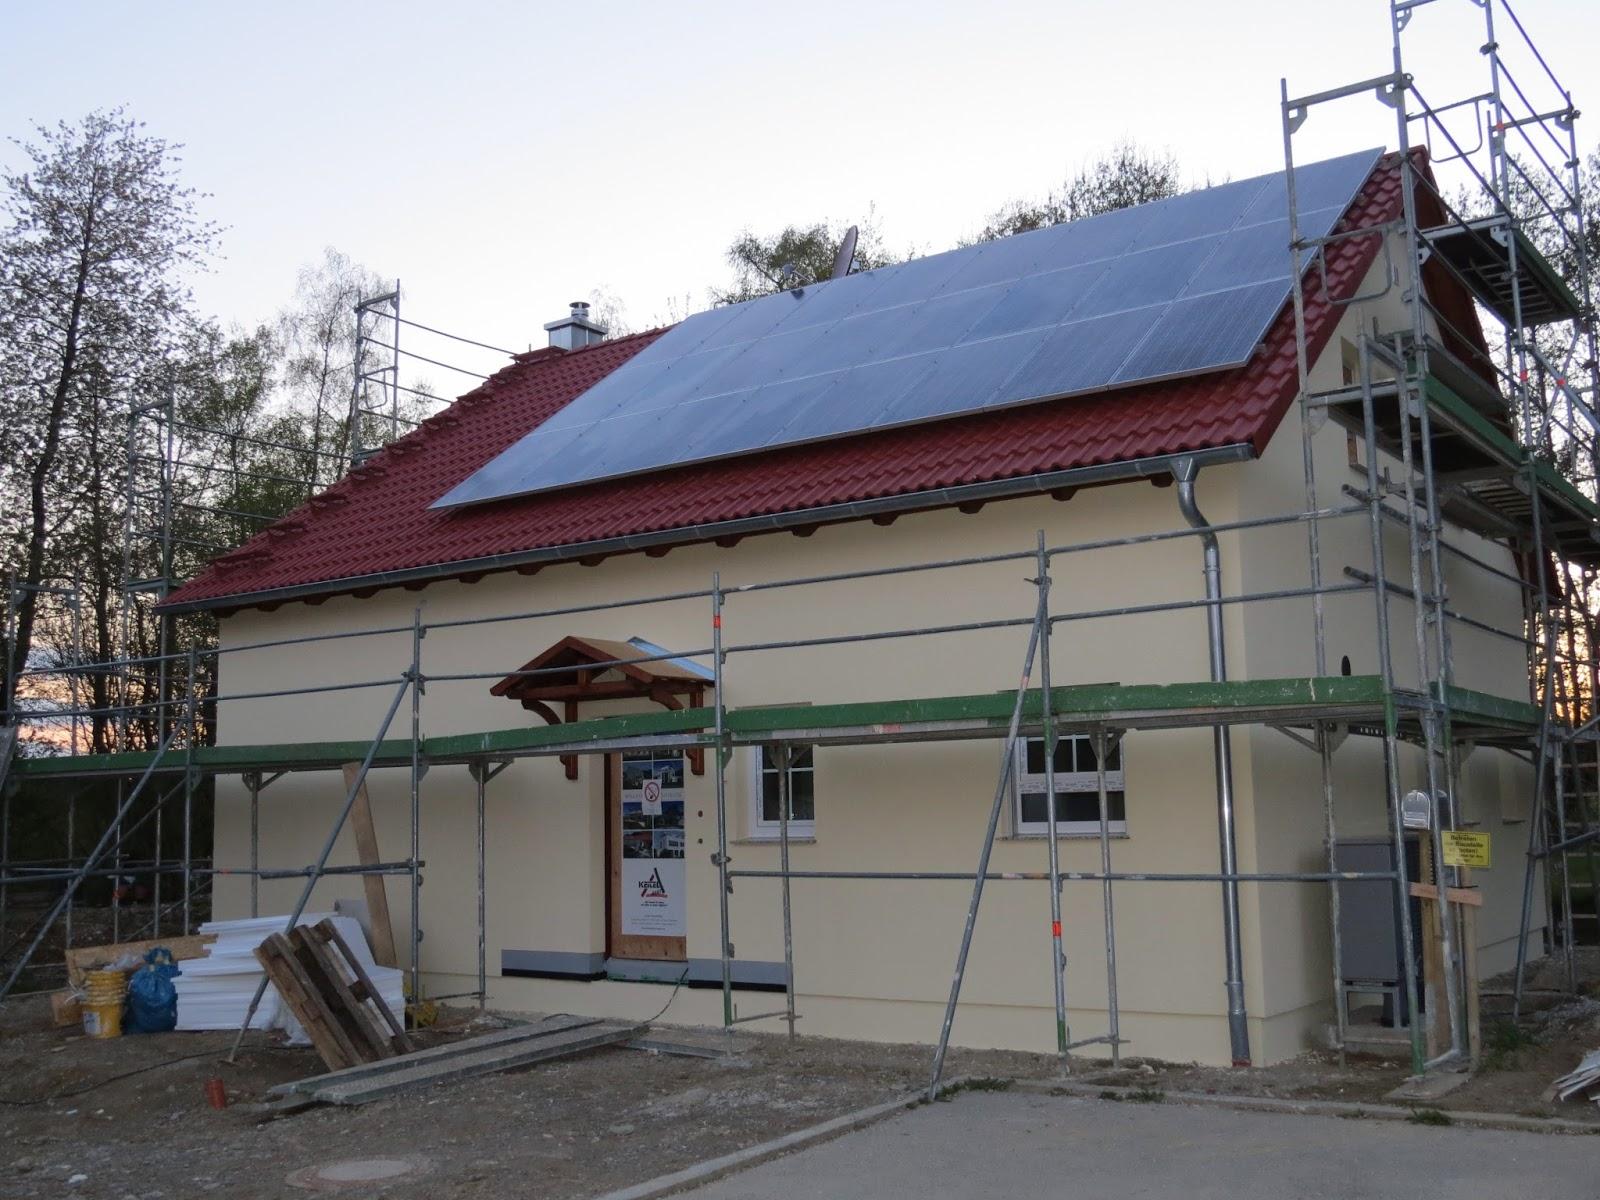 Wir bauen mit keitel haus in markt buchbach tag 40 es for Haus bauen firmen